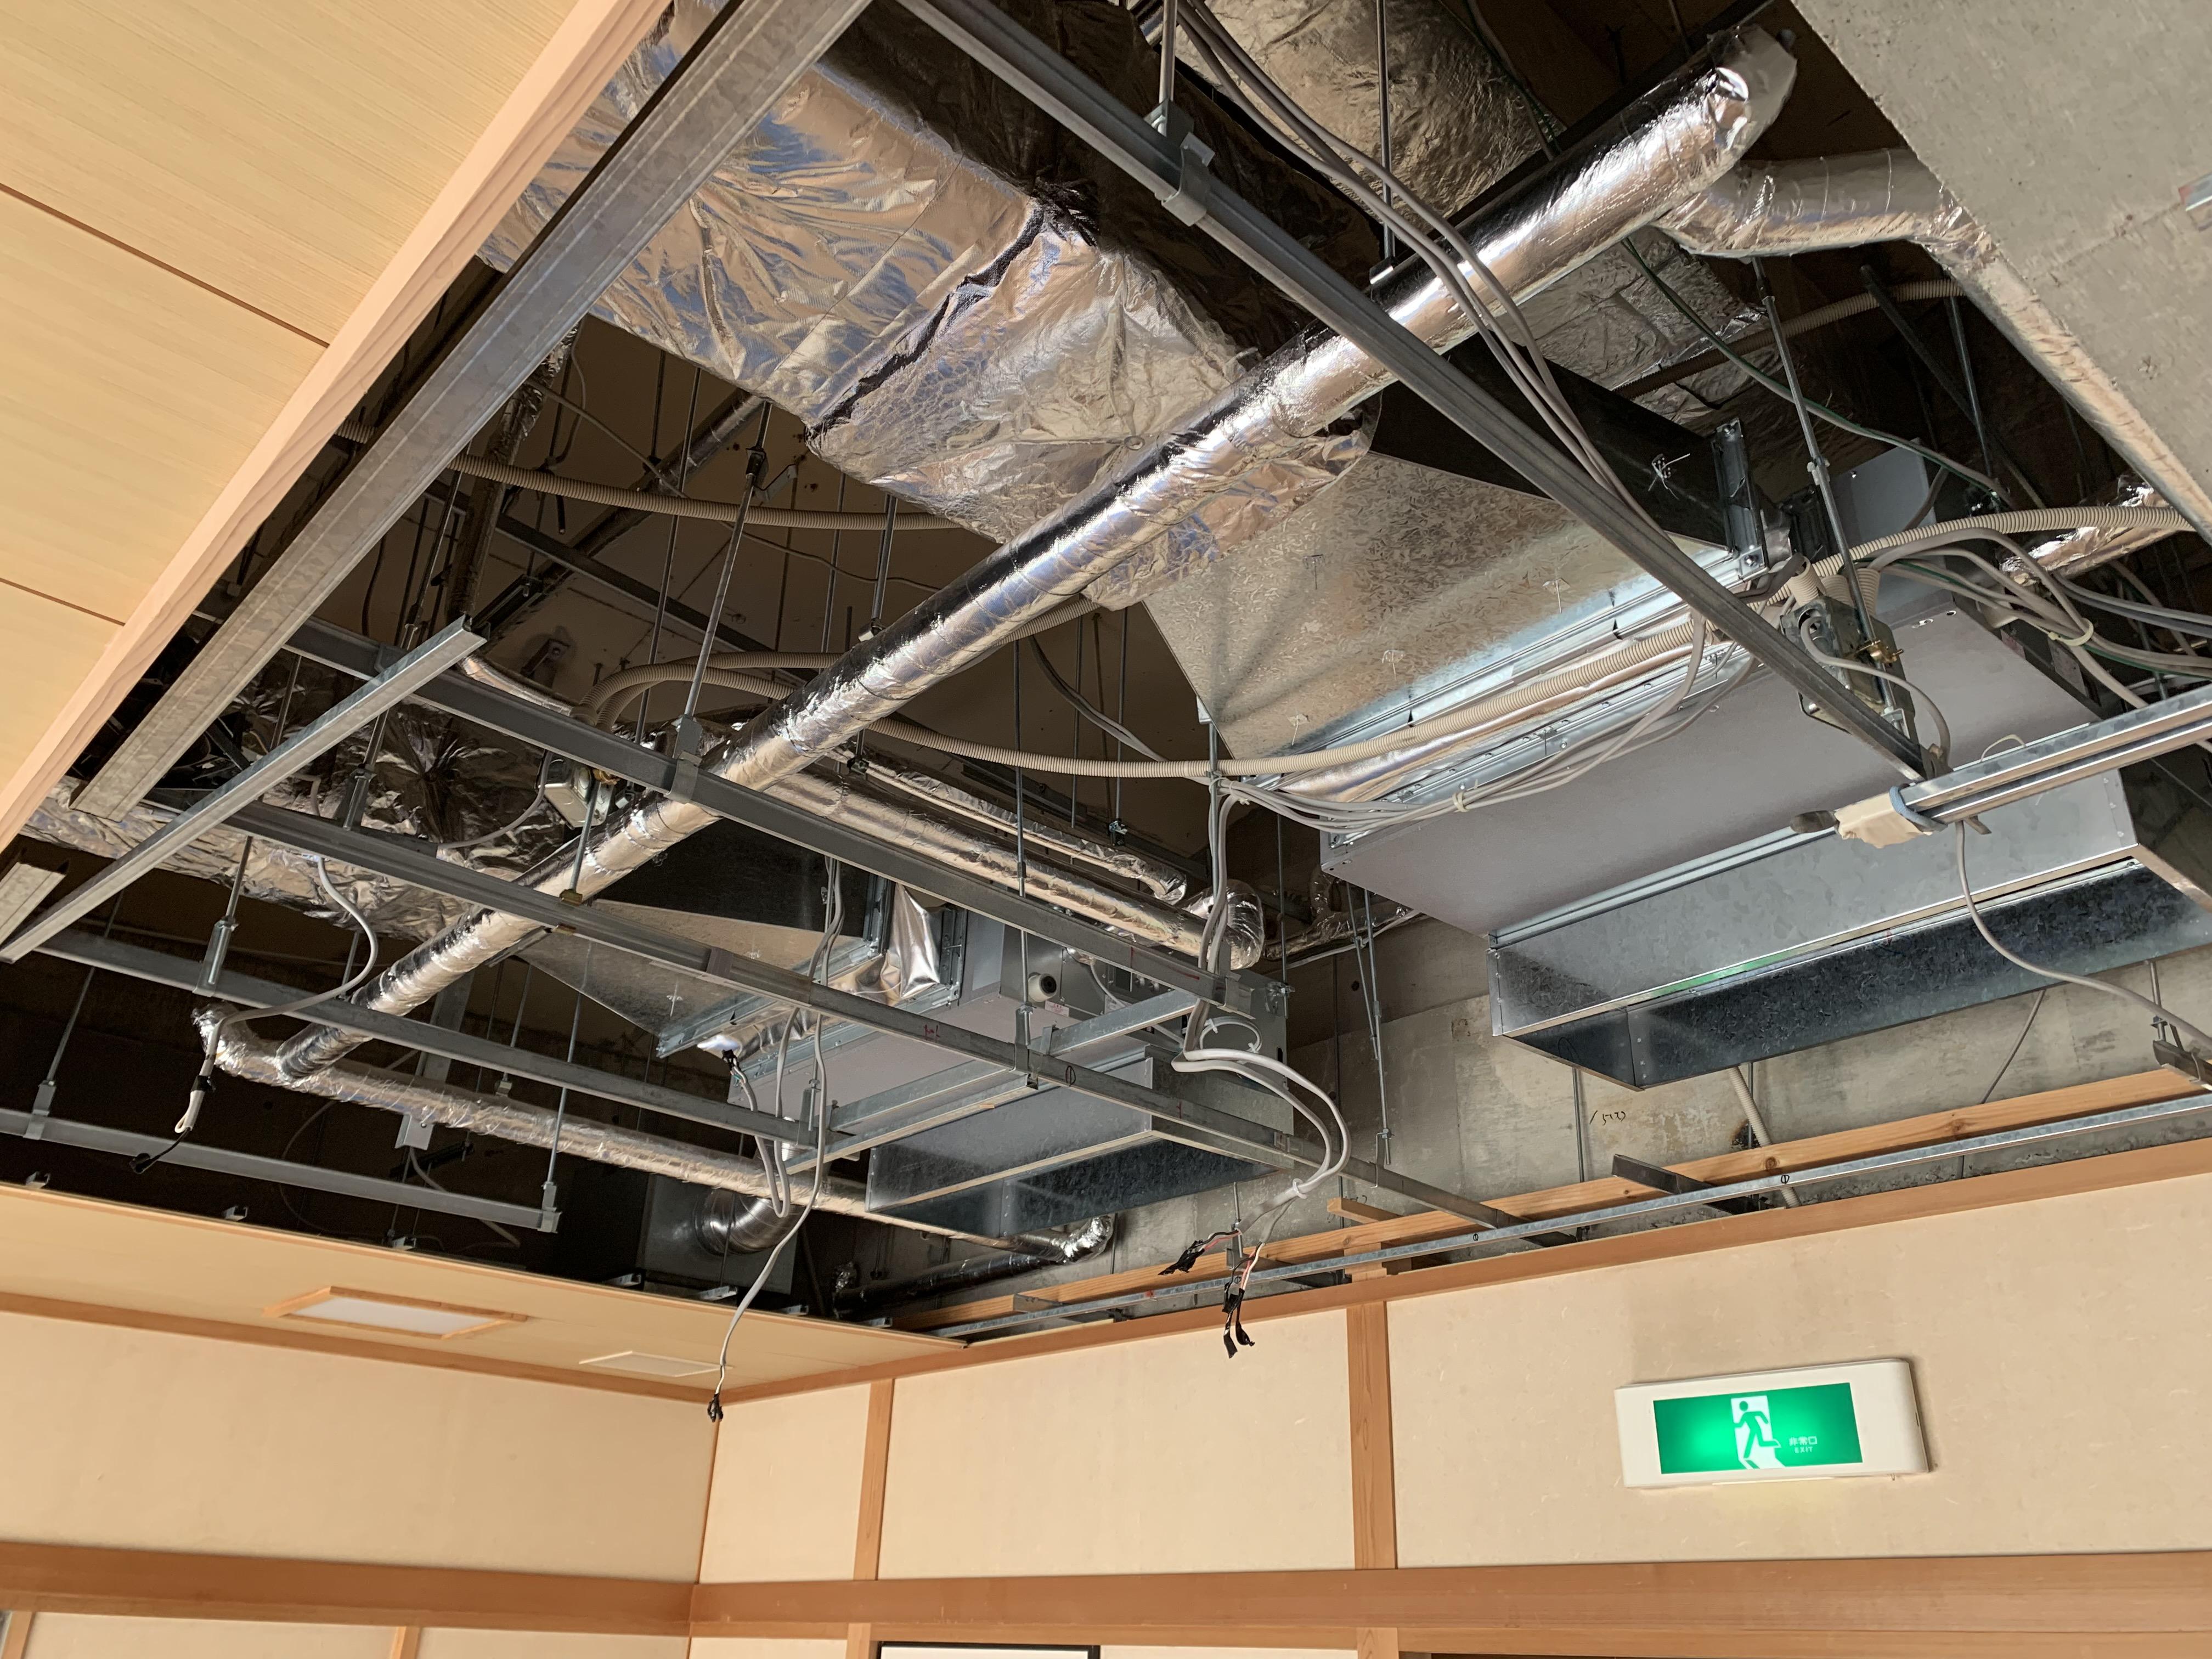 兵庫県西宮市 某公共施設空調機更新